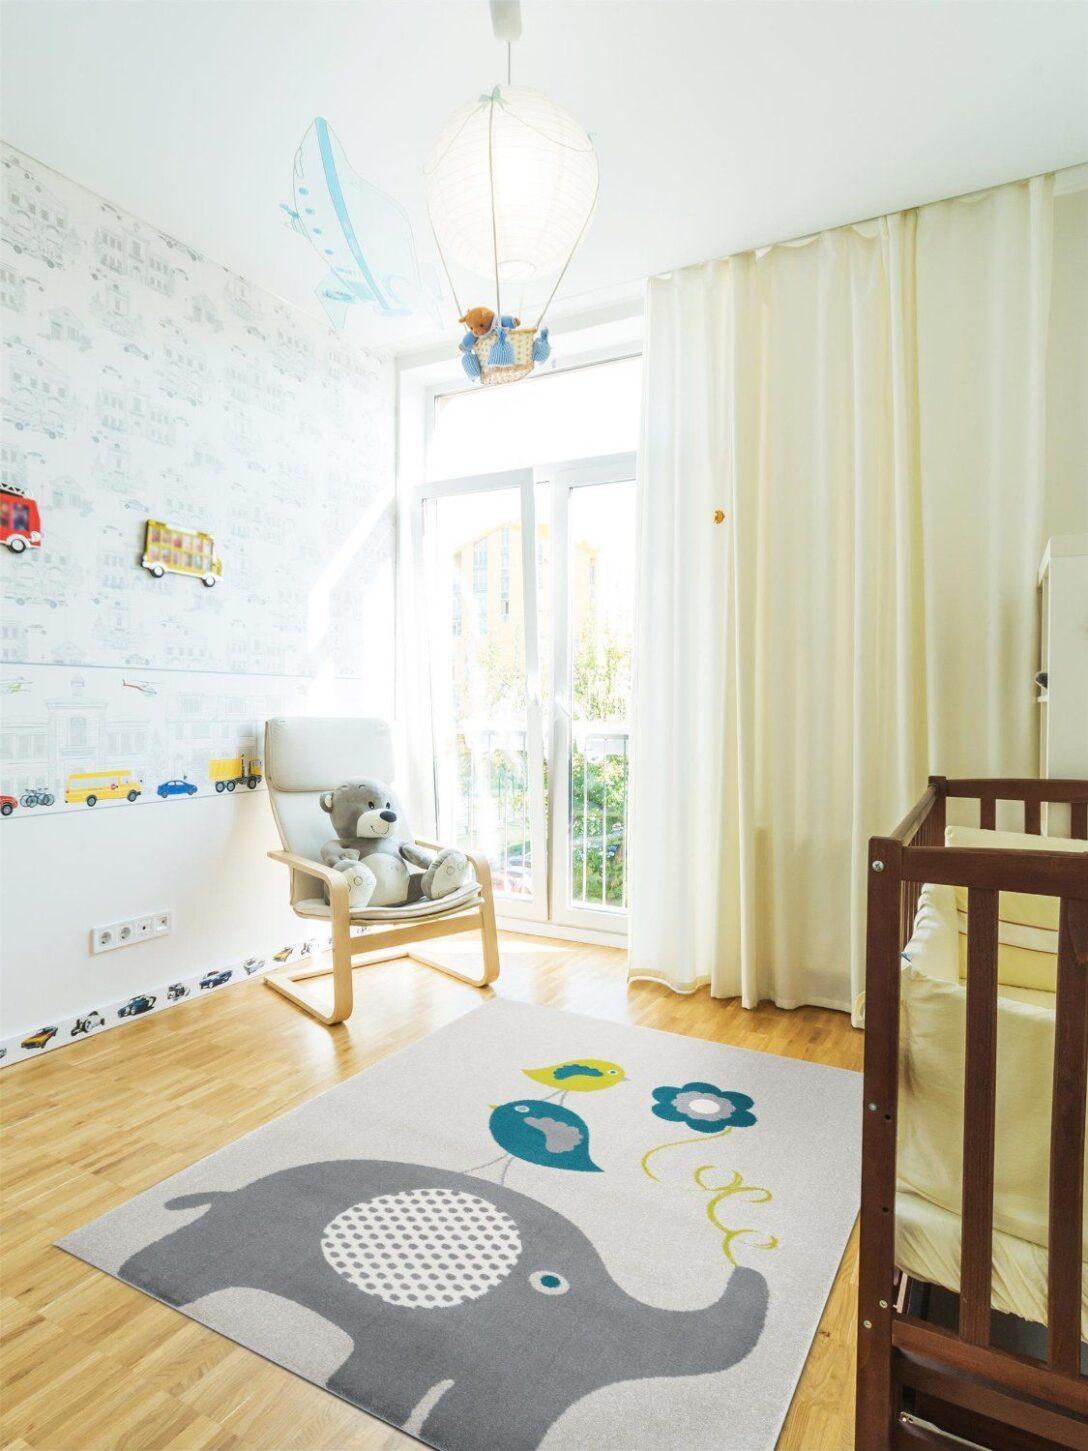 Large Size of Teppiche Kinderzimmer Benuta Kinderteppich Birdies And Elephant Wohnzimmer Regal Weiß Sofa Regale Kinderzimmer Teppiche Kinderzimmer